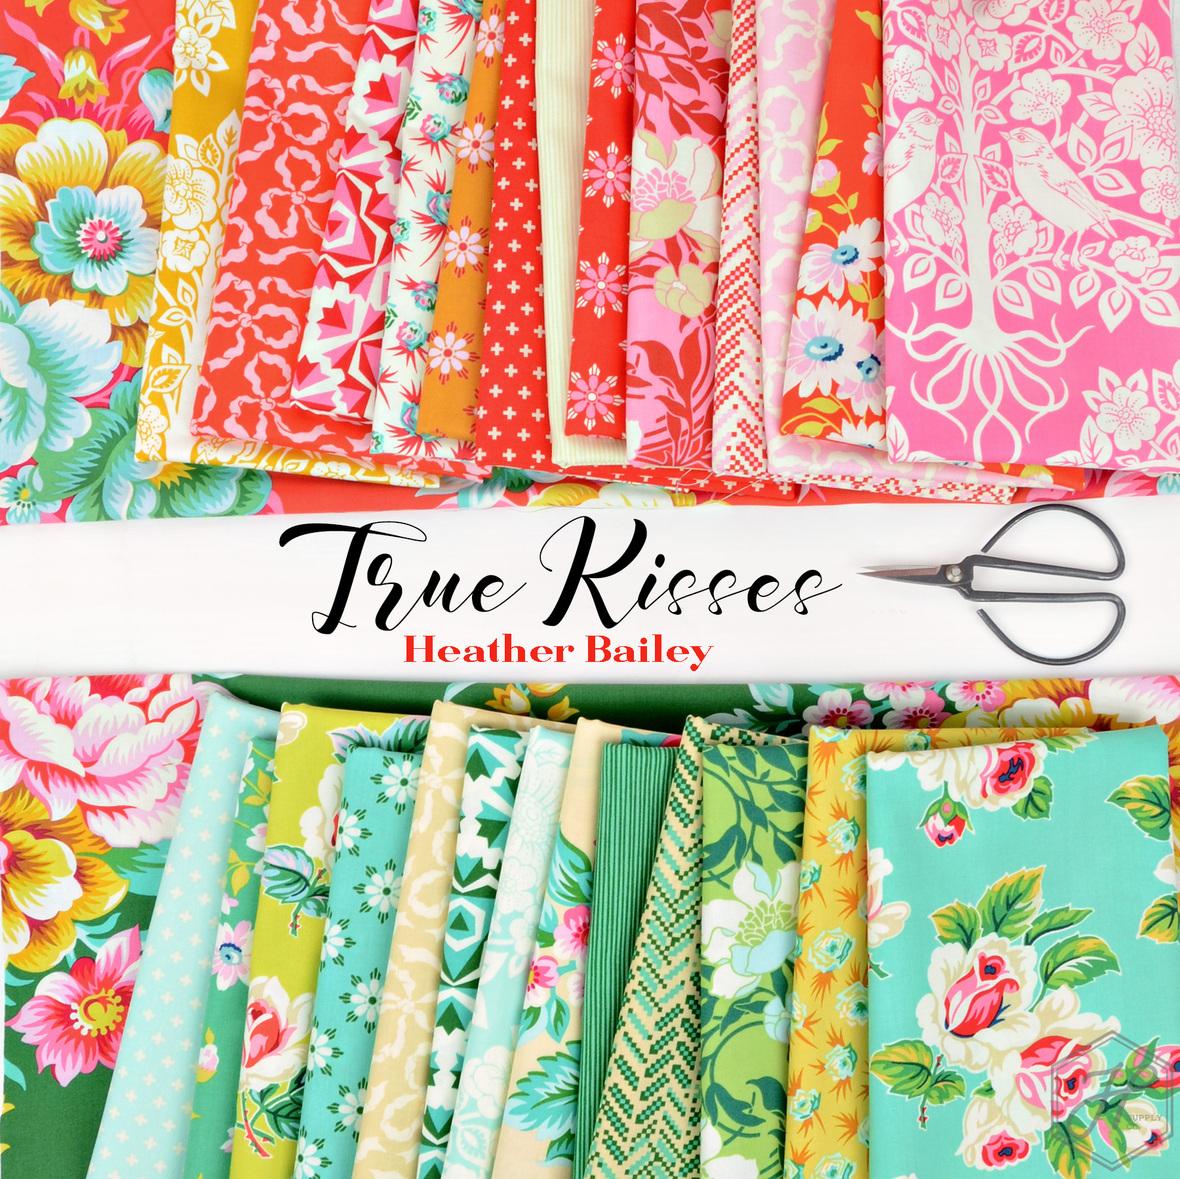 True-Kisses-Heather-Bailey-for-Figo-fabric